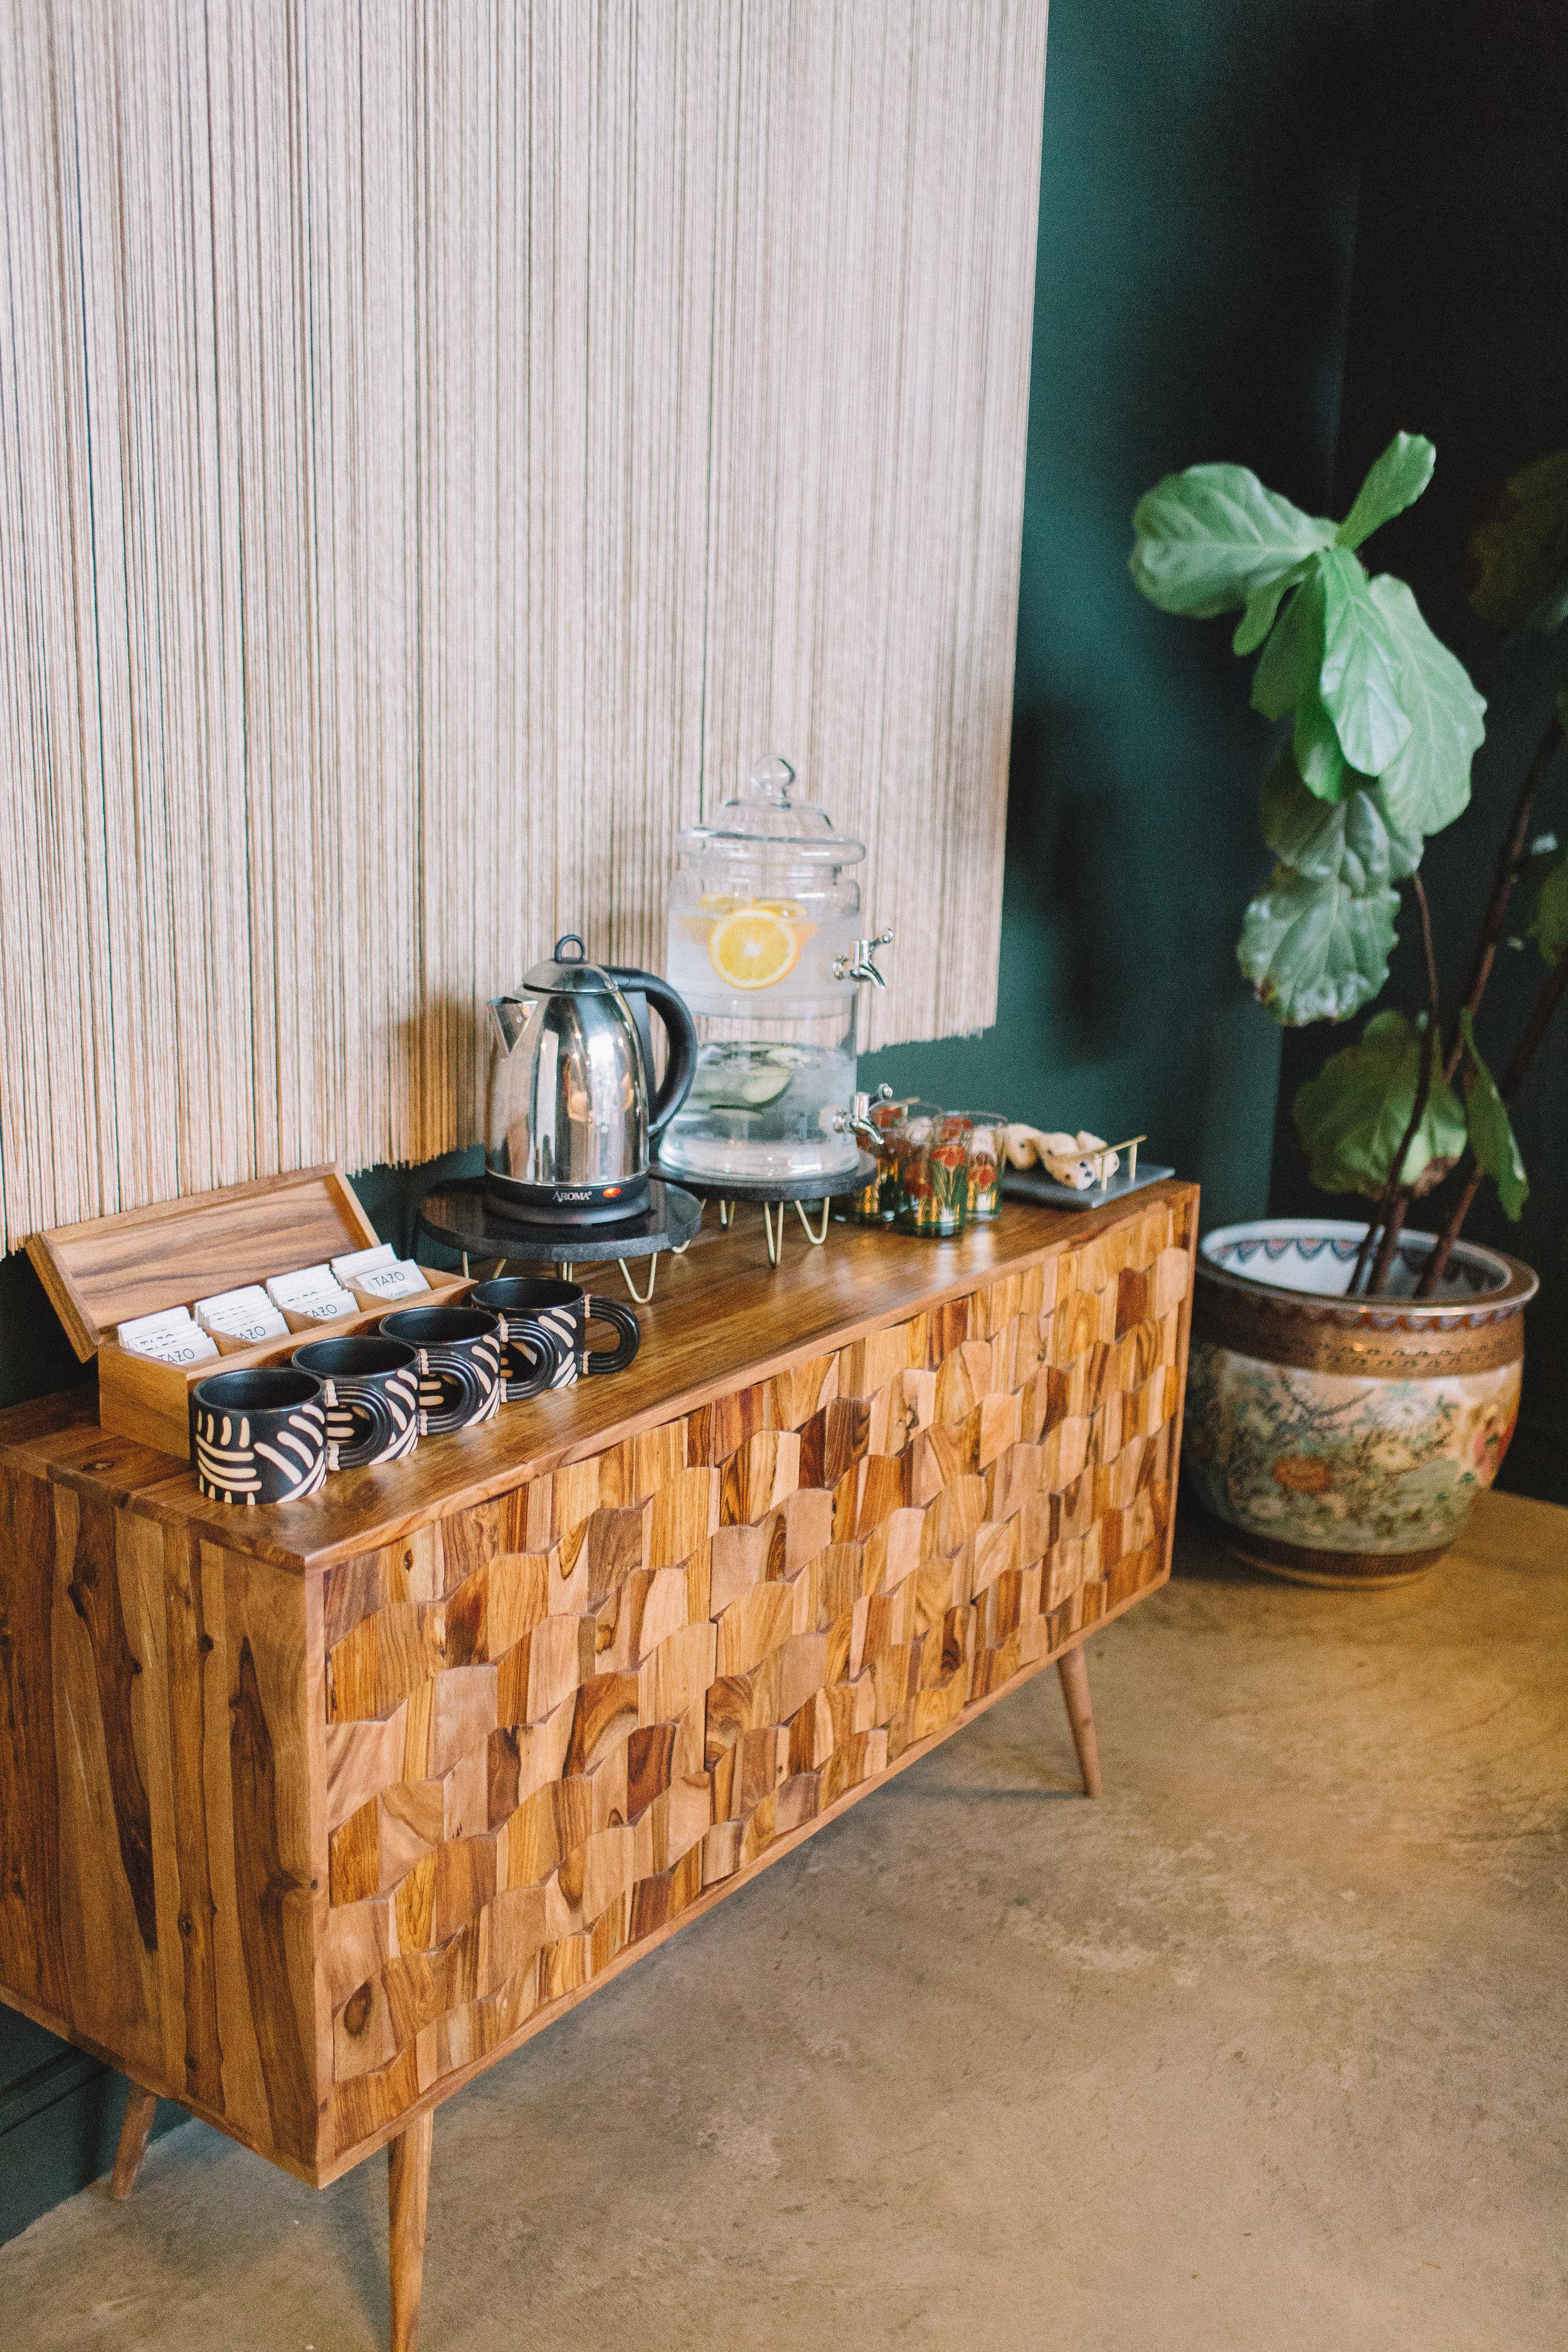 Pavitra Organic Day Spa 2019-Pavitra Organic Day Spa 2019-0008.jpg